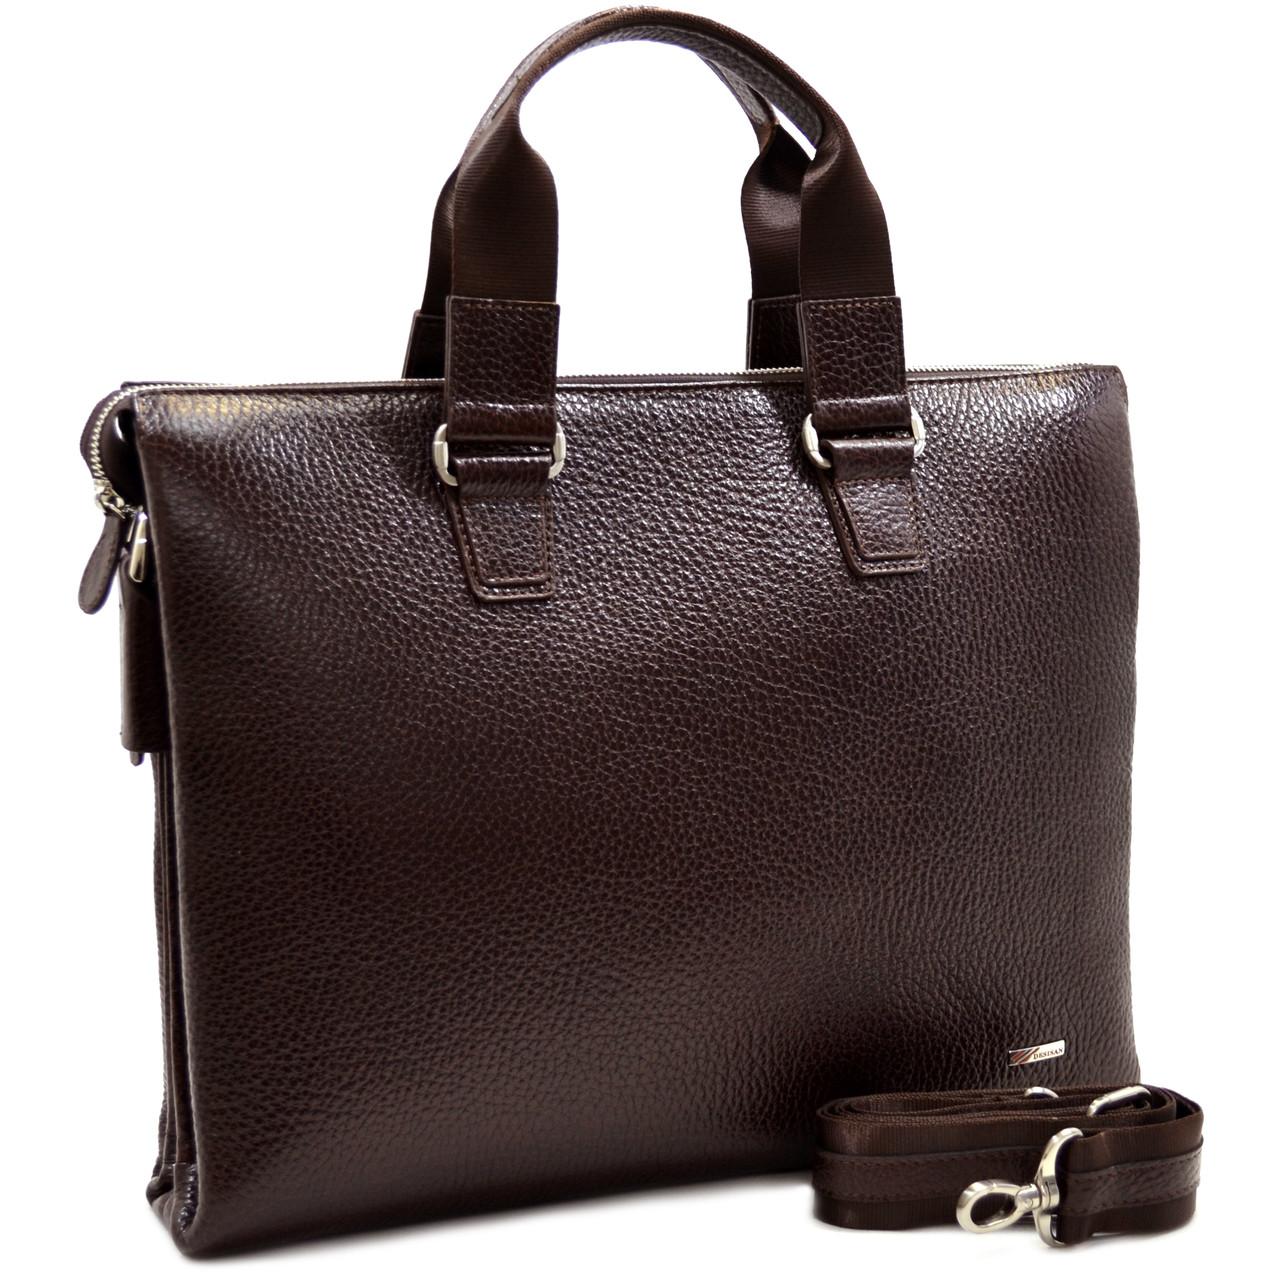 9af1dc5698cd Кожаная мужская сумка для документов Desisan - Интернет-магазин